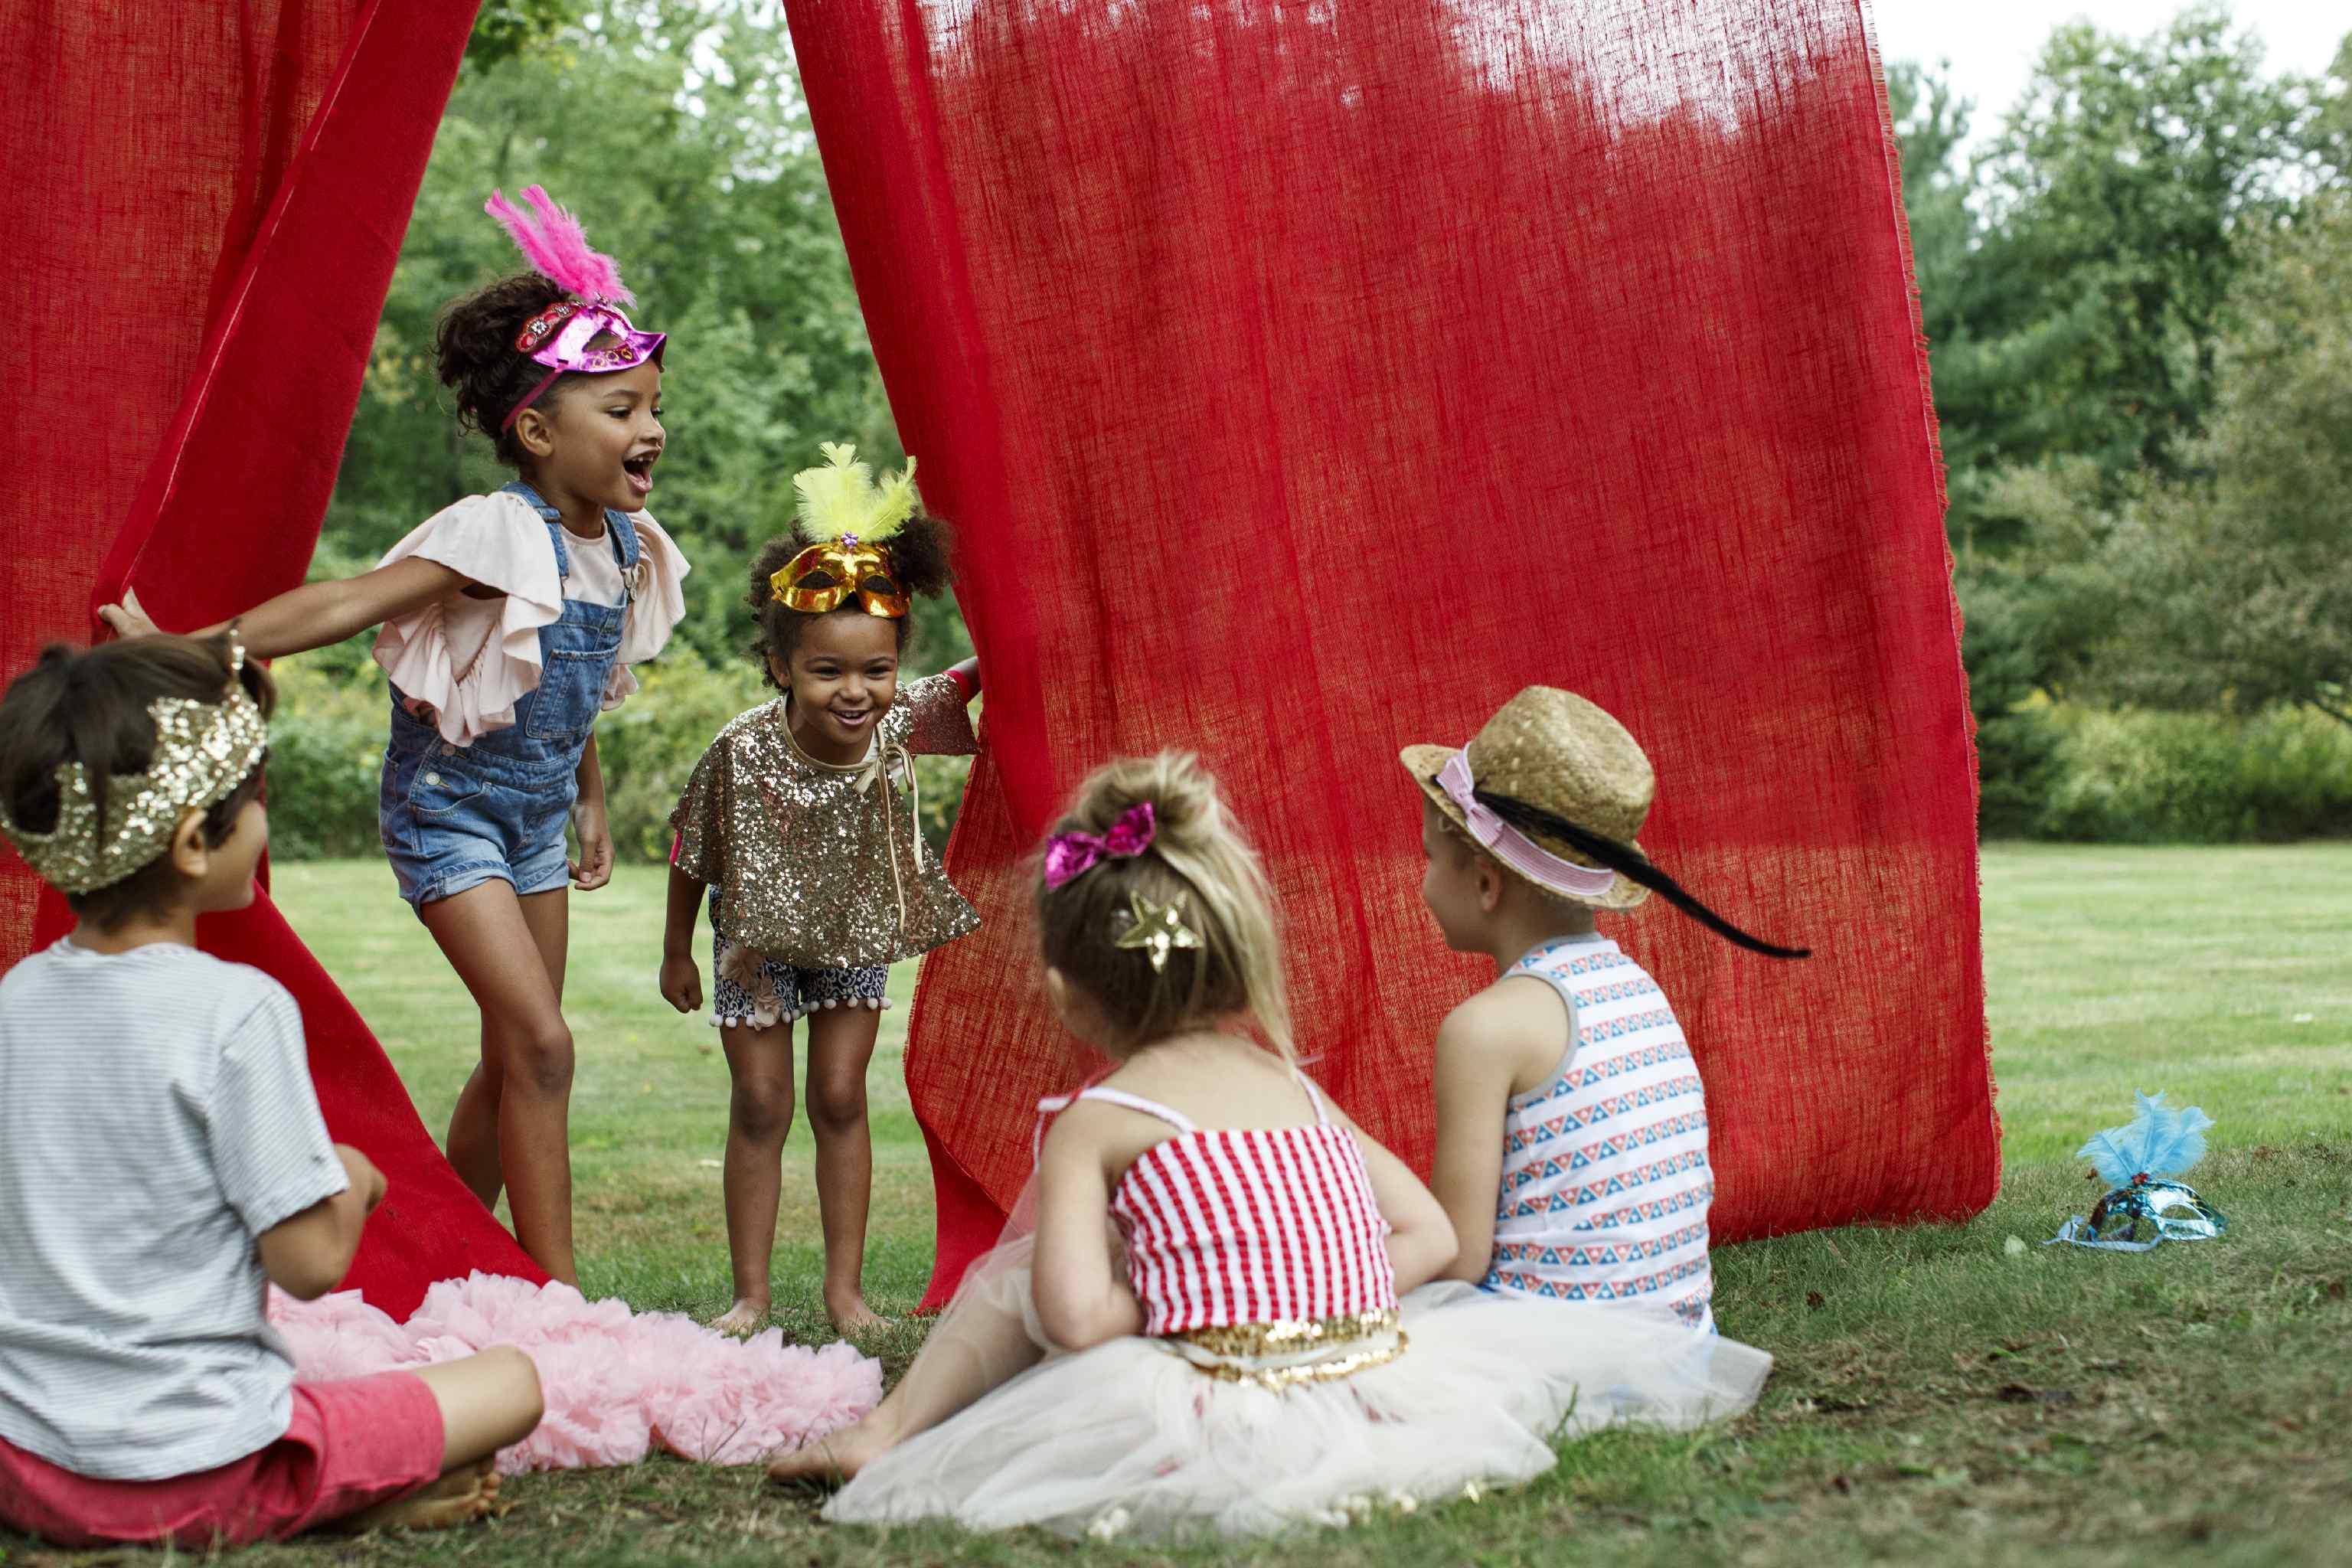 ۱۰ راه برای افزایش خلاقیت در کودک